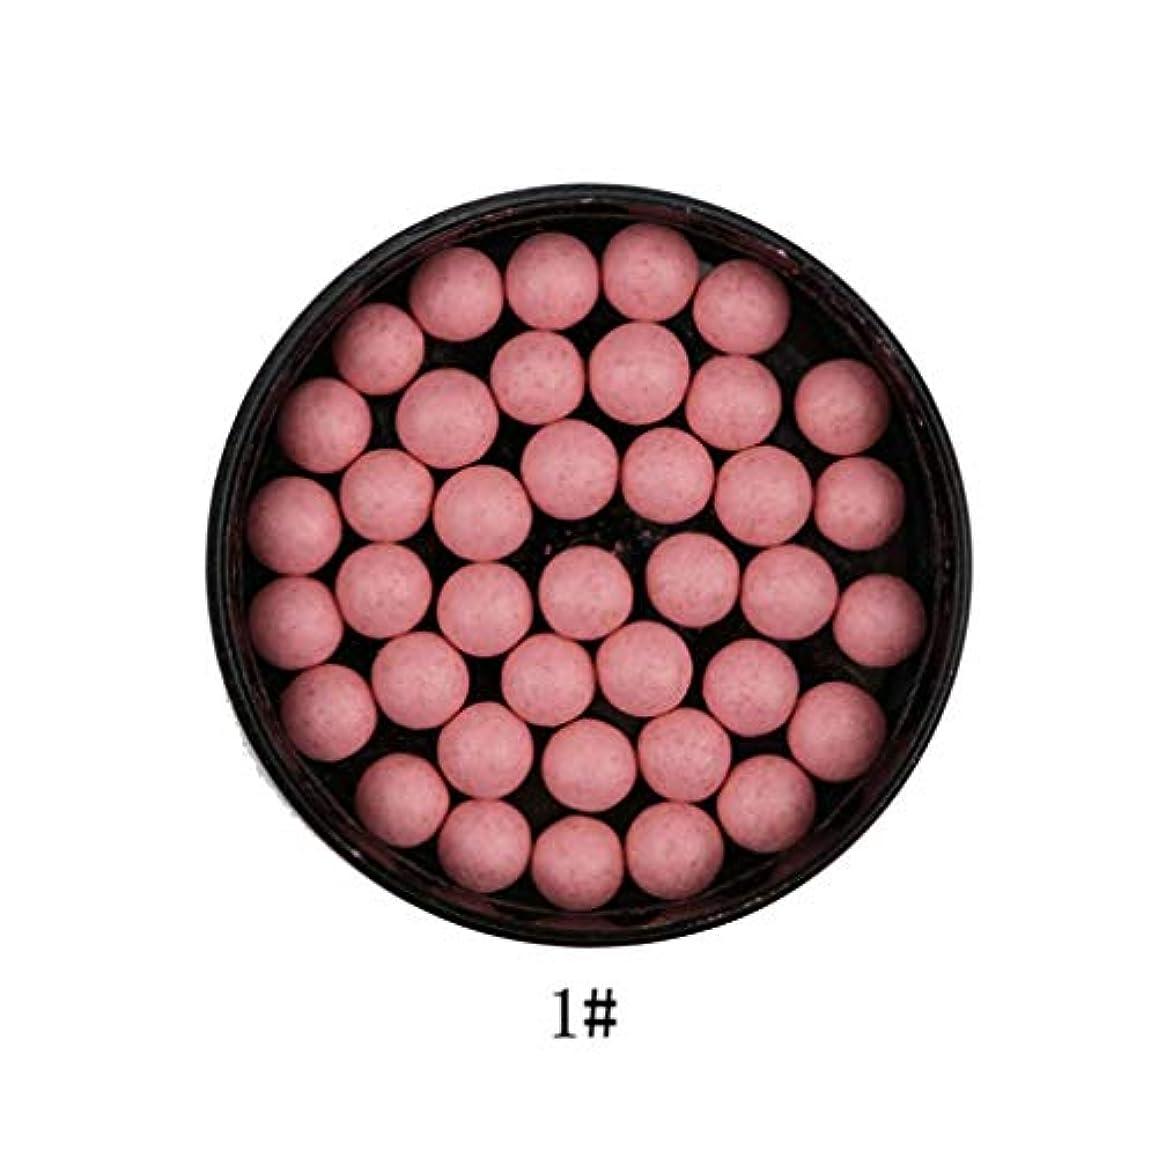 野望ハーネス知り合い3では1ポータブルブラッシュロングラスティング顔料マットナチュラルフェイスブラッシュボールオイルコントロール輪郭ブラッシュブロンザー